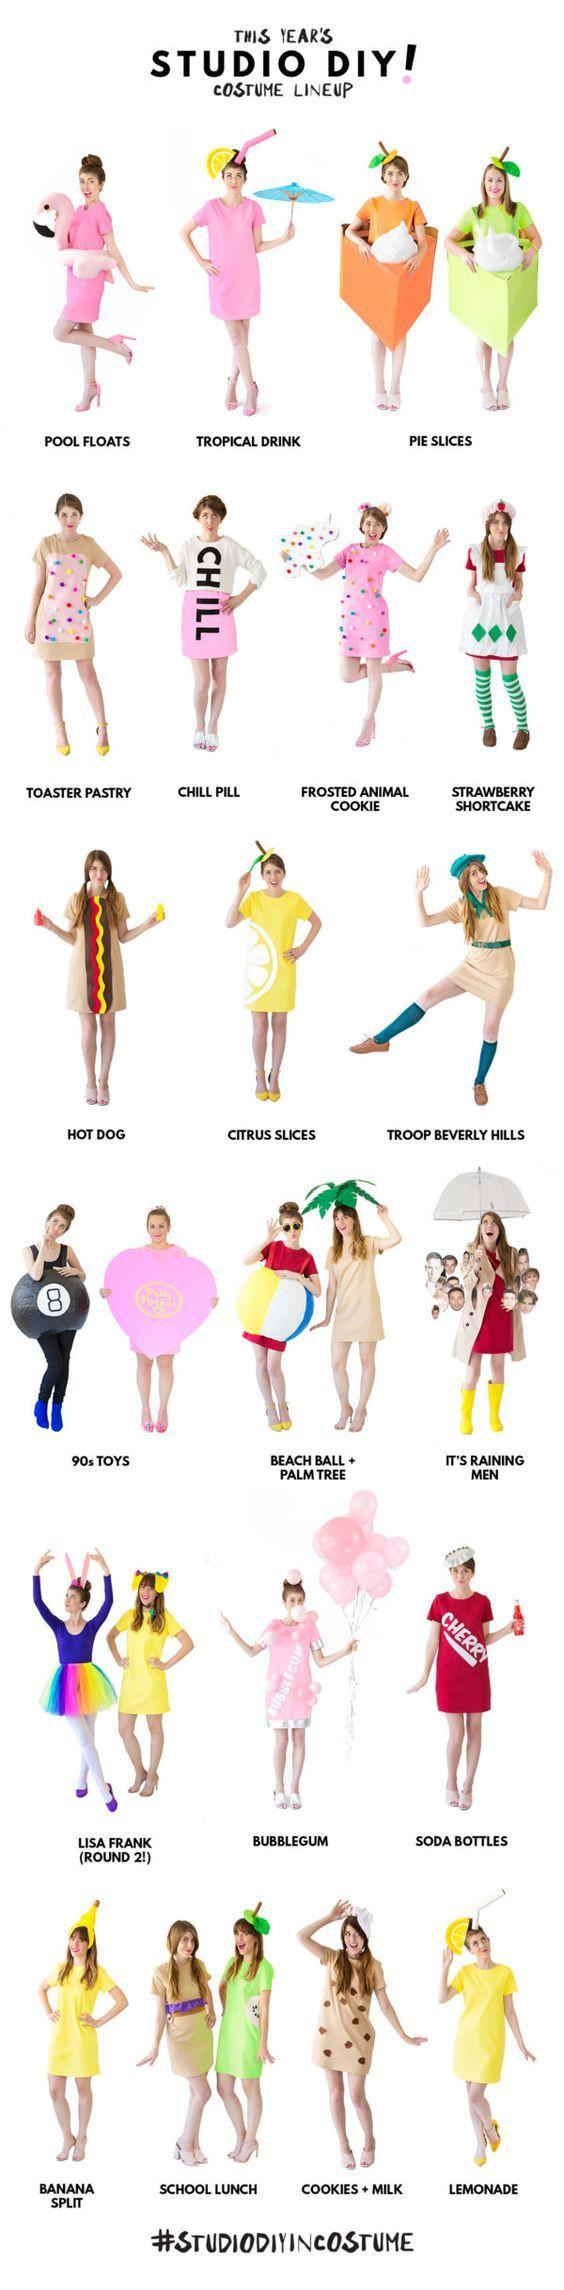 Die Getränke finde ich relativ witzig: Kleid + Strohhalm aus dem Kopf  Our 2016 DIY Costume Lineup! | studiodiy.com